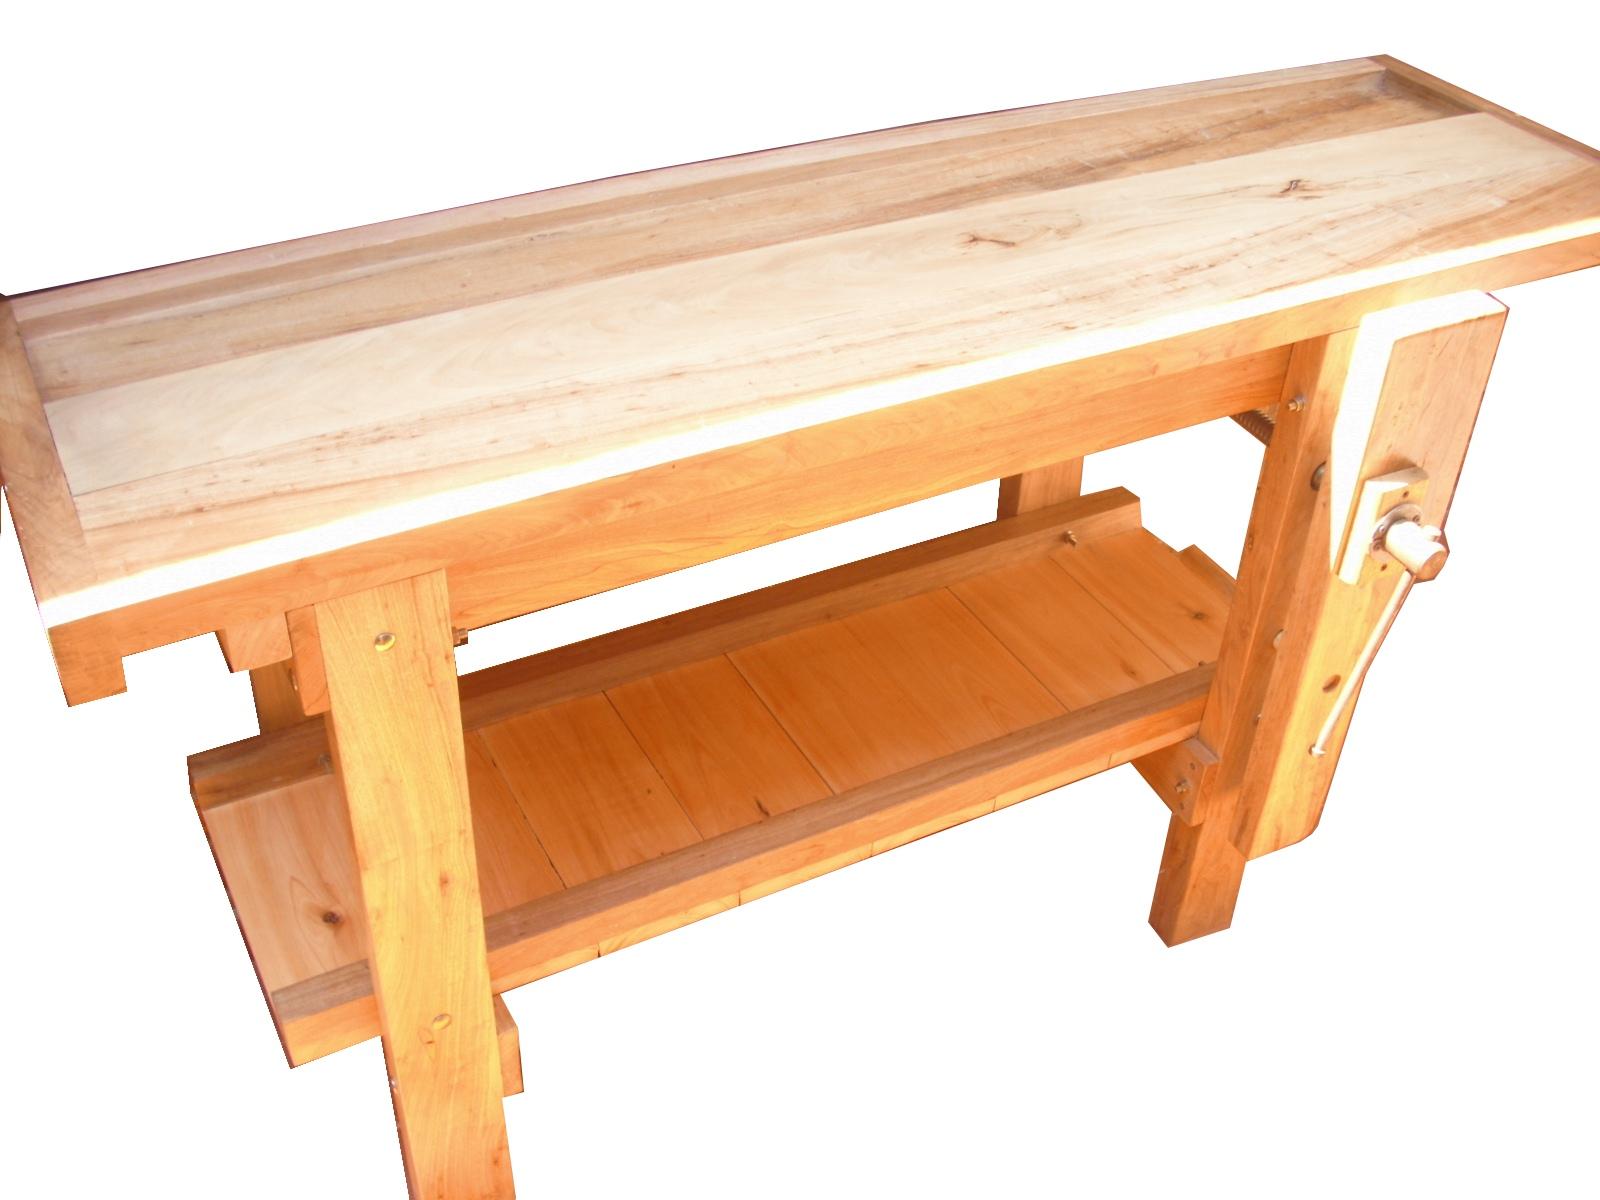 Banco de carpintero en madera dura carpinterof for Carpintero de madera